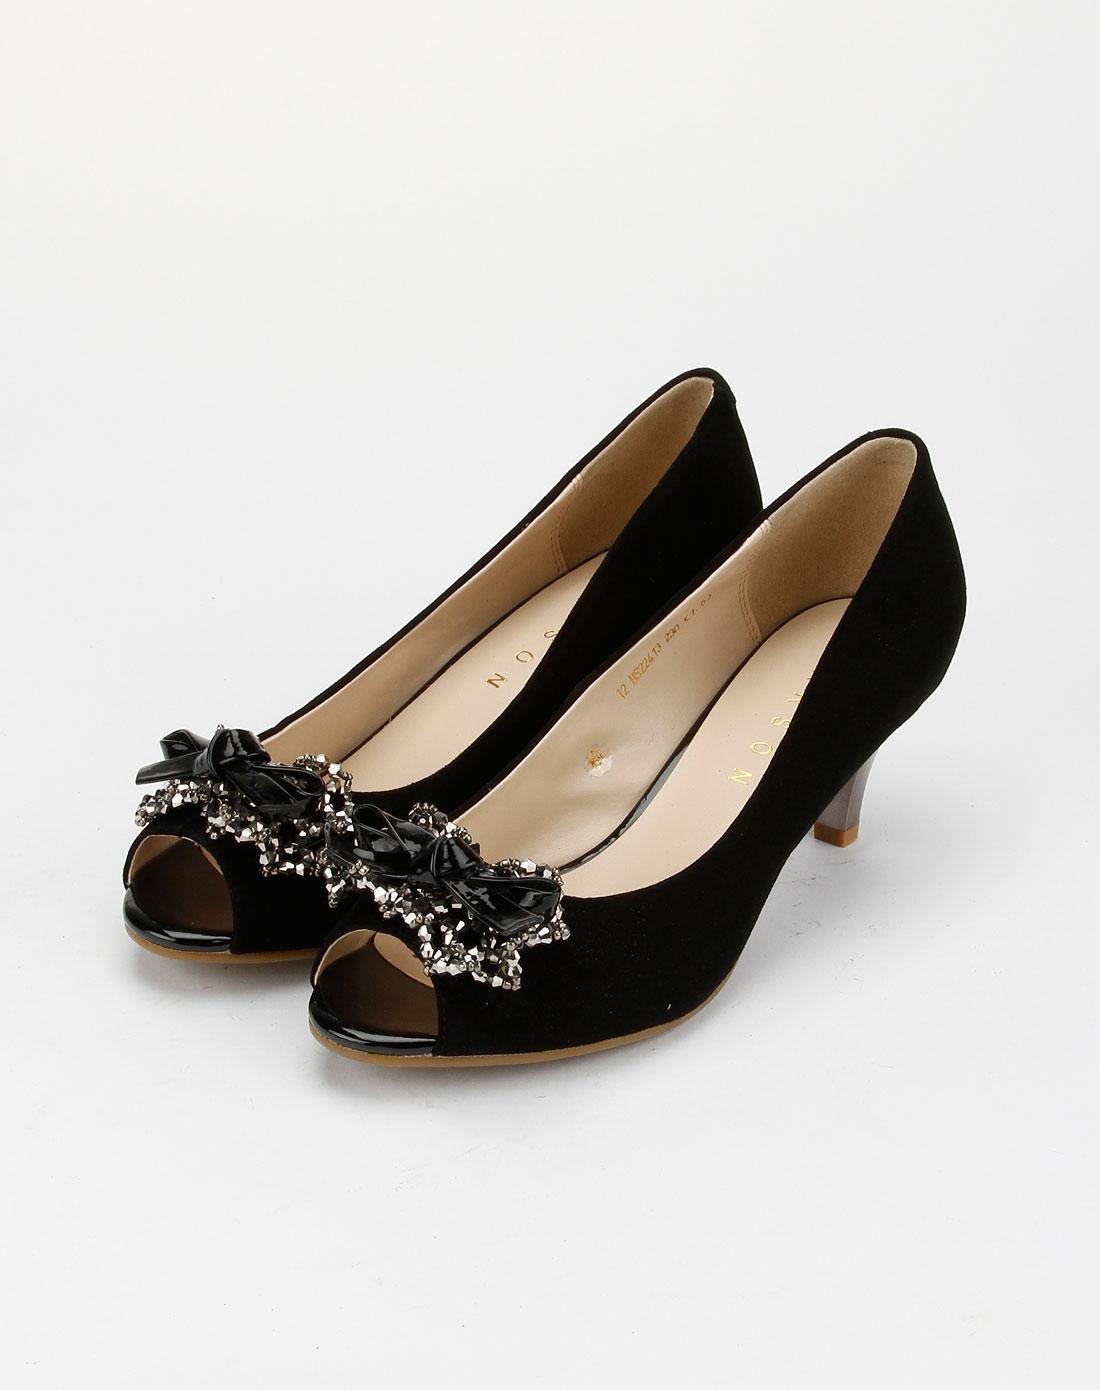 哈森harson女鞋专场-女款黑色时尚简约高跟鱼嘴鞋